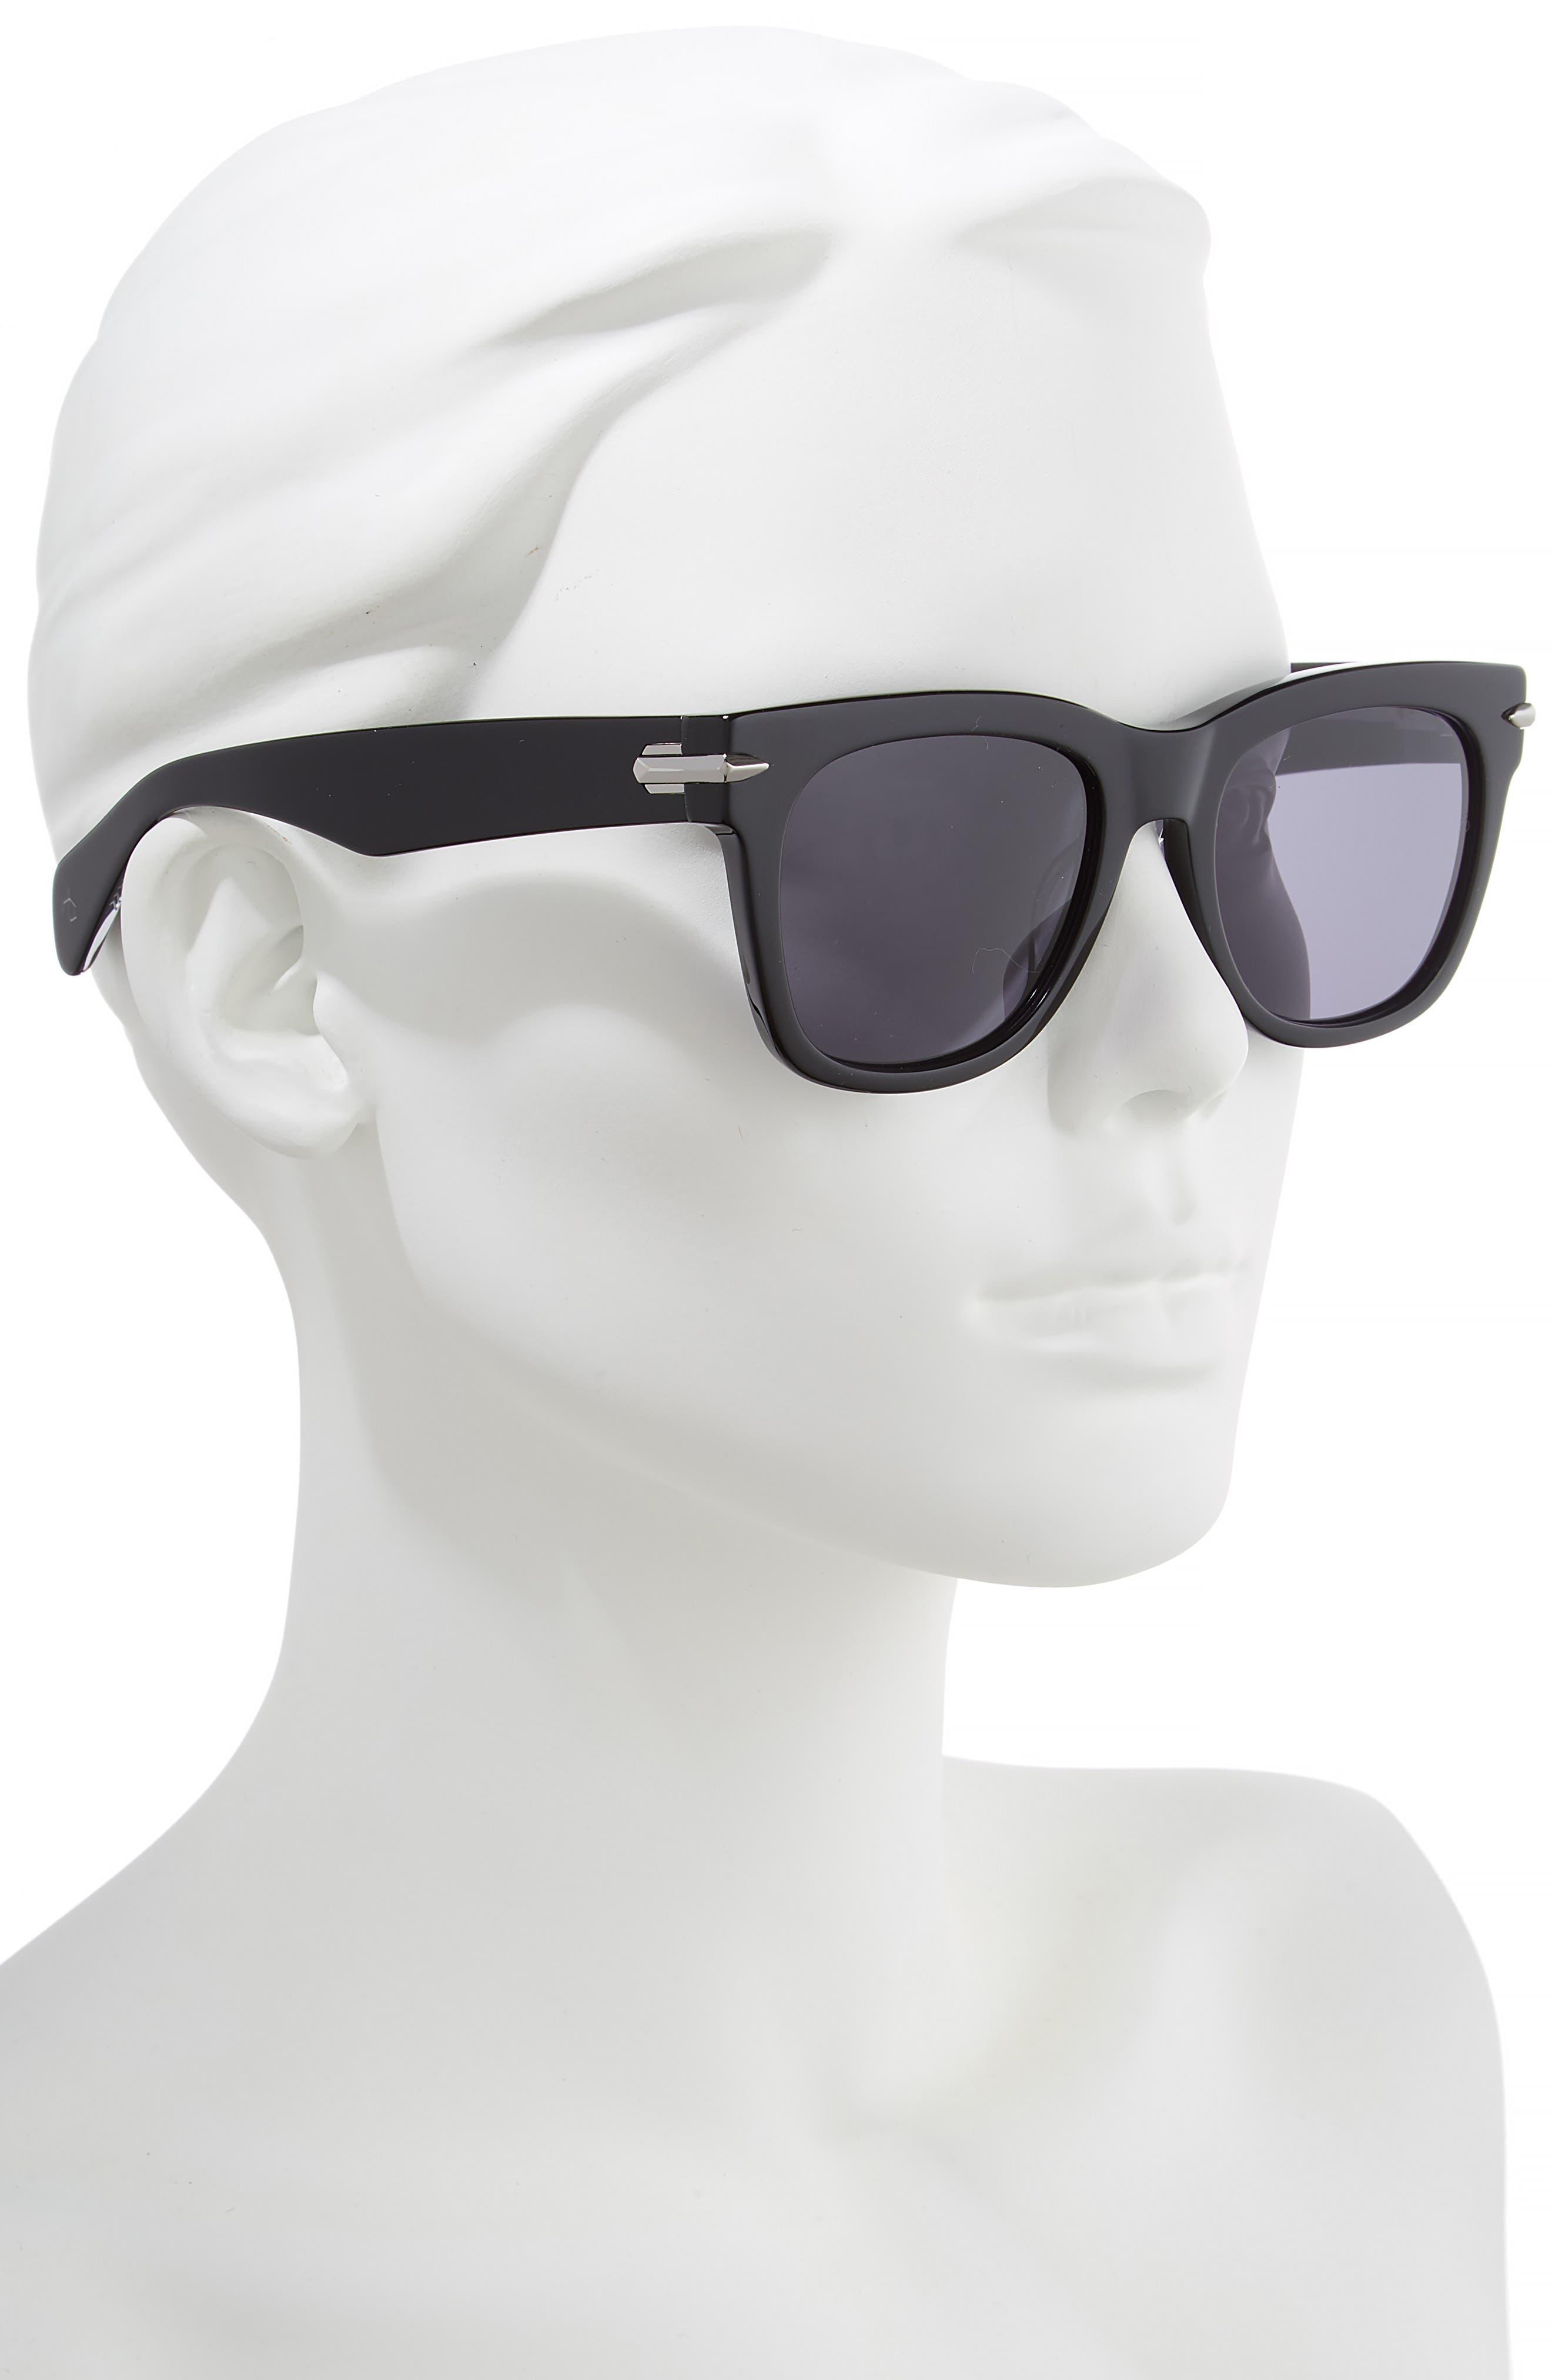 54mm Polarized Sunglasses,                             Alternate thumbnail 2, color,                             BLACK